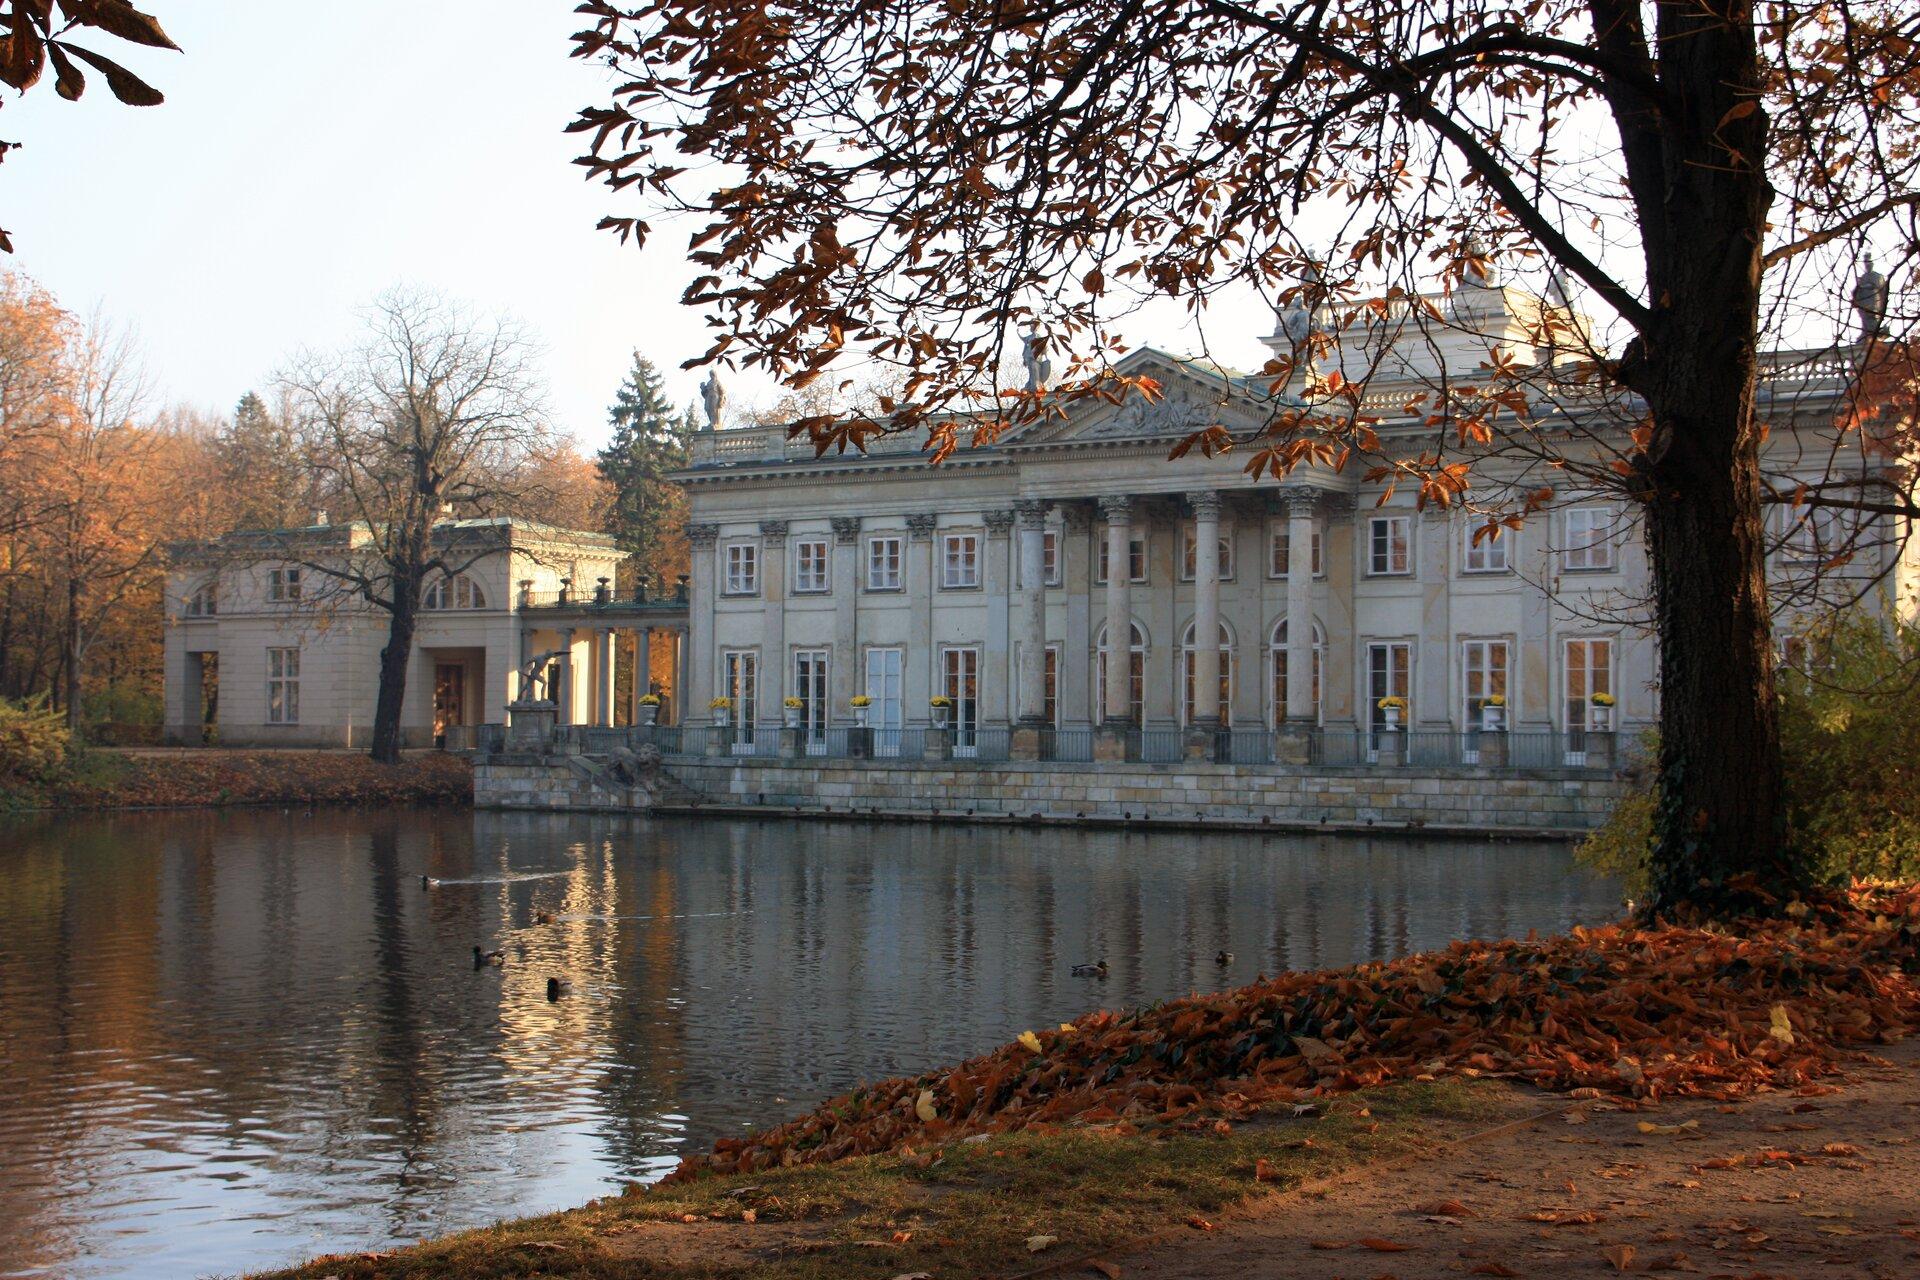 Łazienki: Pałac na Wyspie Łazienki: Pałac na Wyspie Źródło: Wolskaola, Wikimedia Commons, licencja: CC BY-SA 3.0.